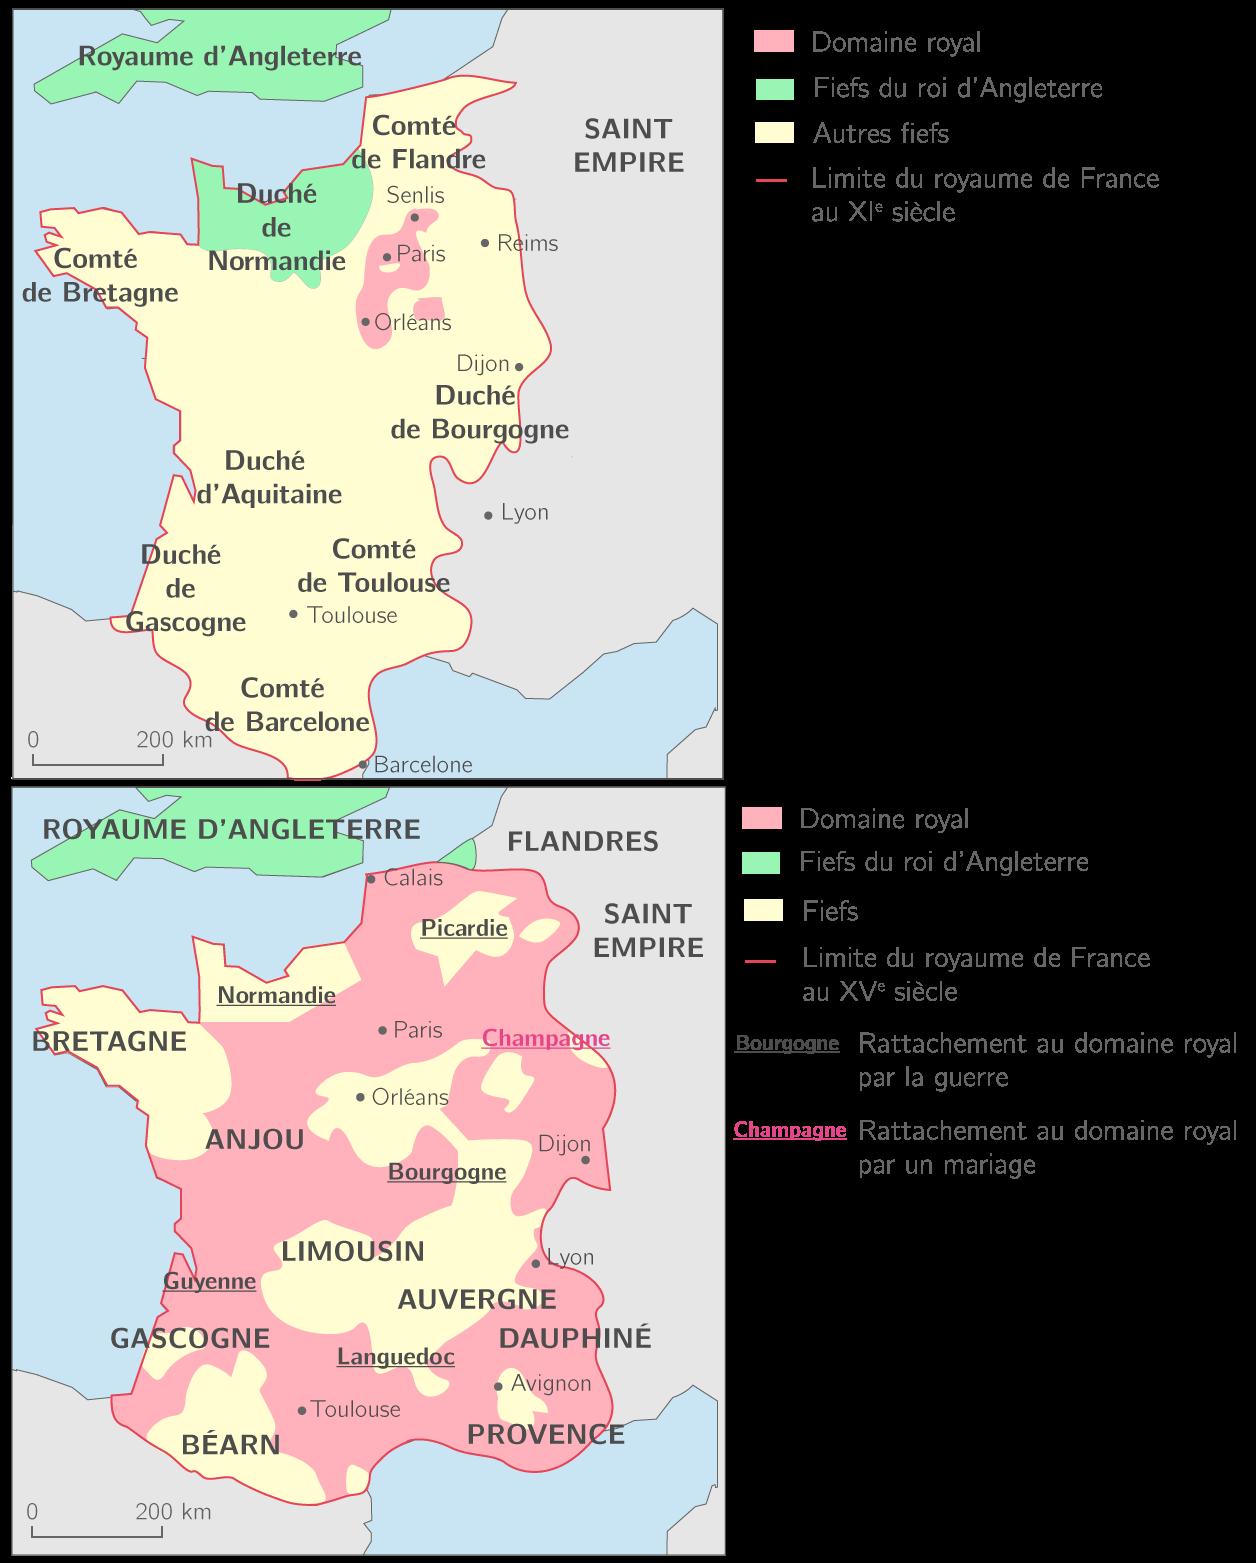 L'agrandissement du domaine royal du XIe au XVe siècle